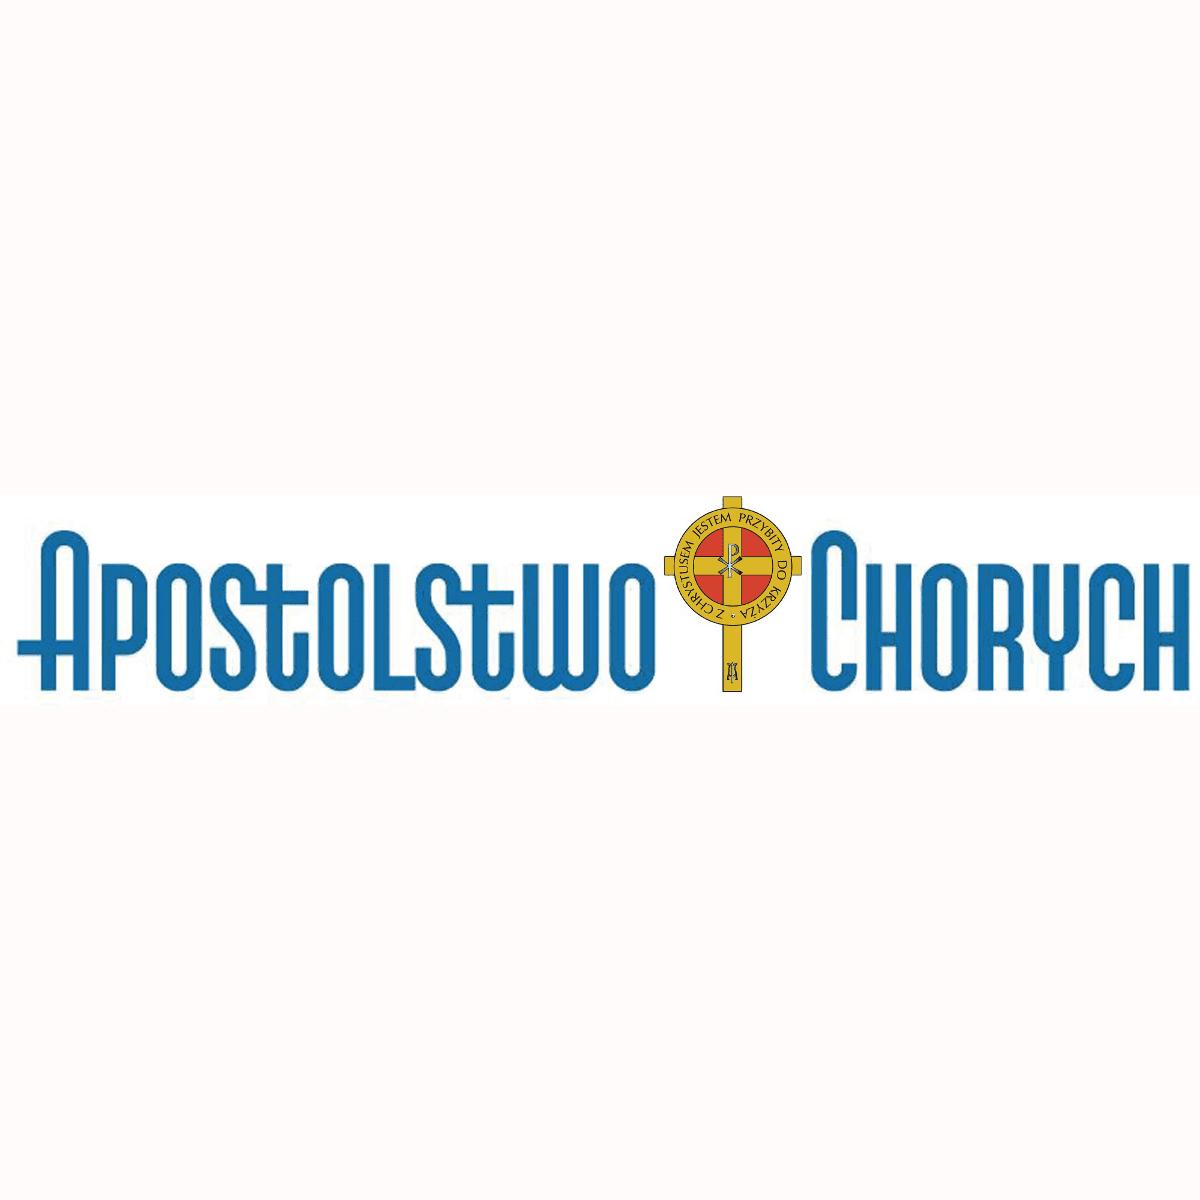 Rekolekcje Apostolstwa Chorych